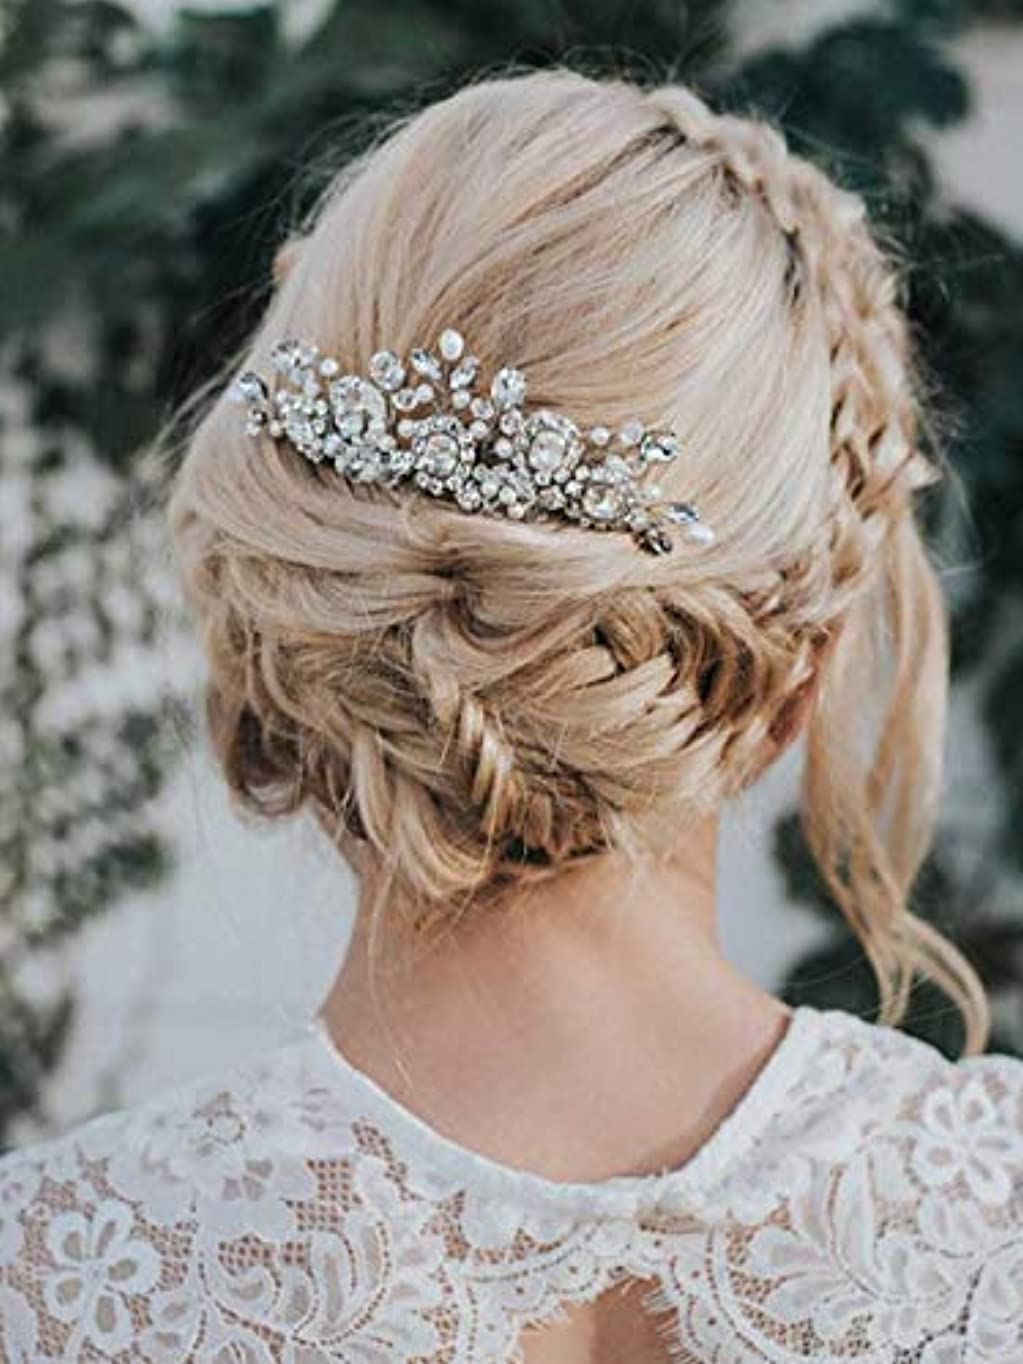 イデオロギーかみそり申し立てAukmla Bride Wedding Hair Combs Crystal Rhinestones Stunning Bridal Hair Accessories Decorative for Women and Girls (Silver) [並行輸入品]